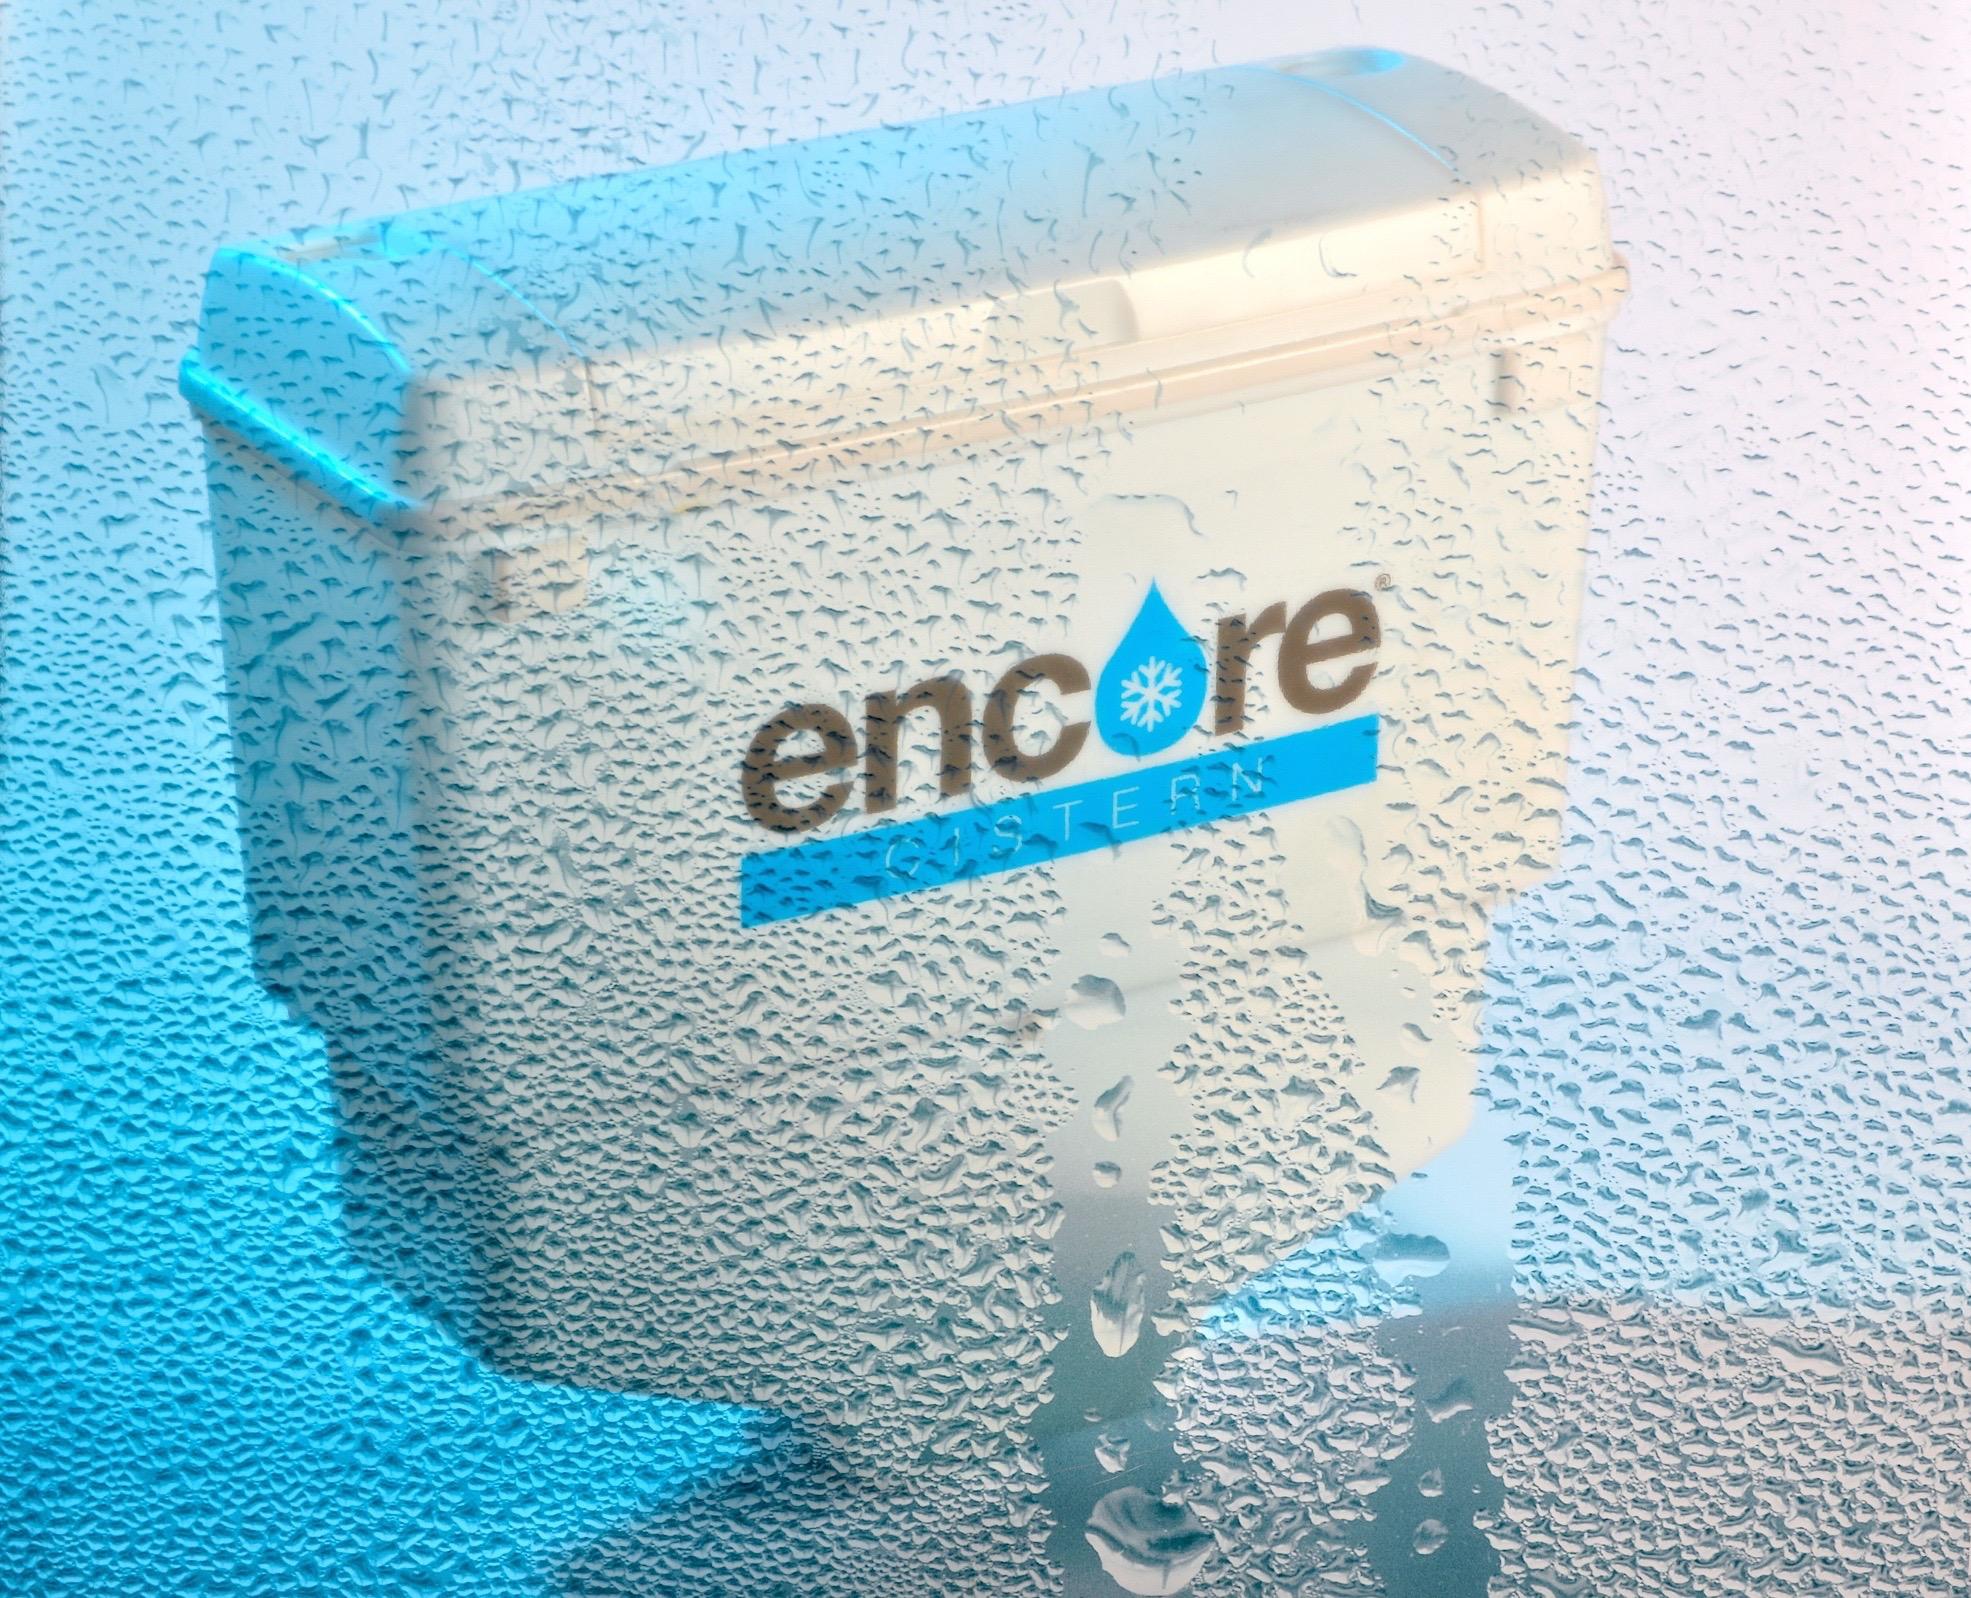 so sparen hotels viel wasser neuer sp lkasten nutzt kondenswasser aus klimaanlagen hottelling. Black Bedroom Furniture Sets. Home Design Ideas